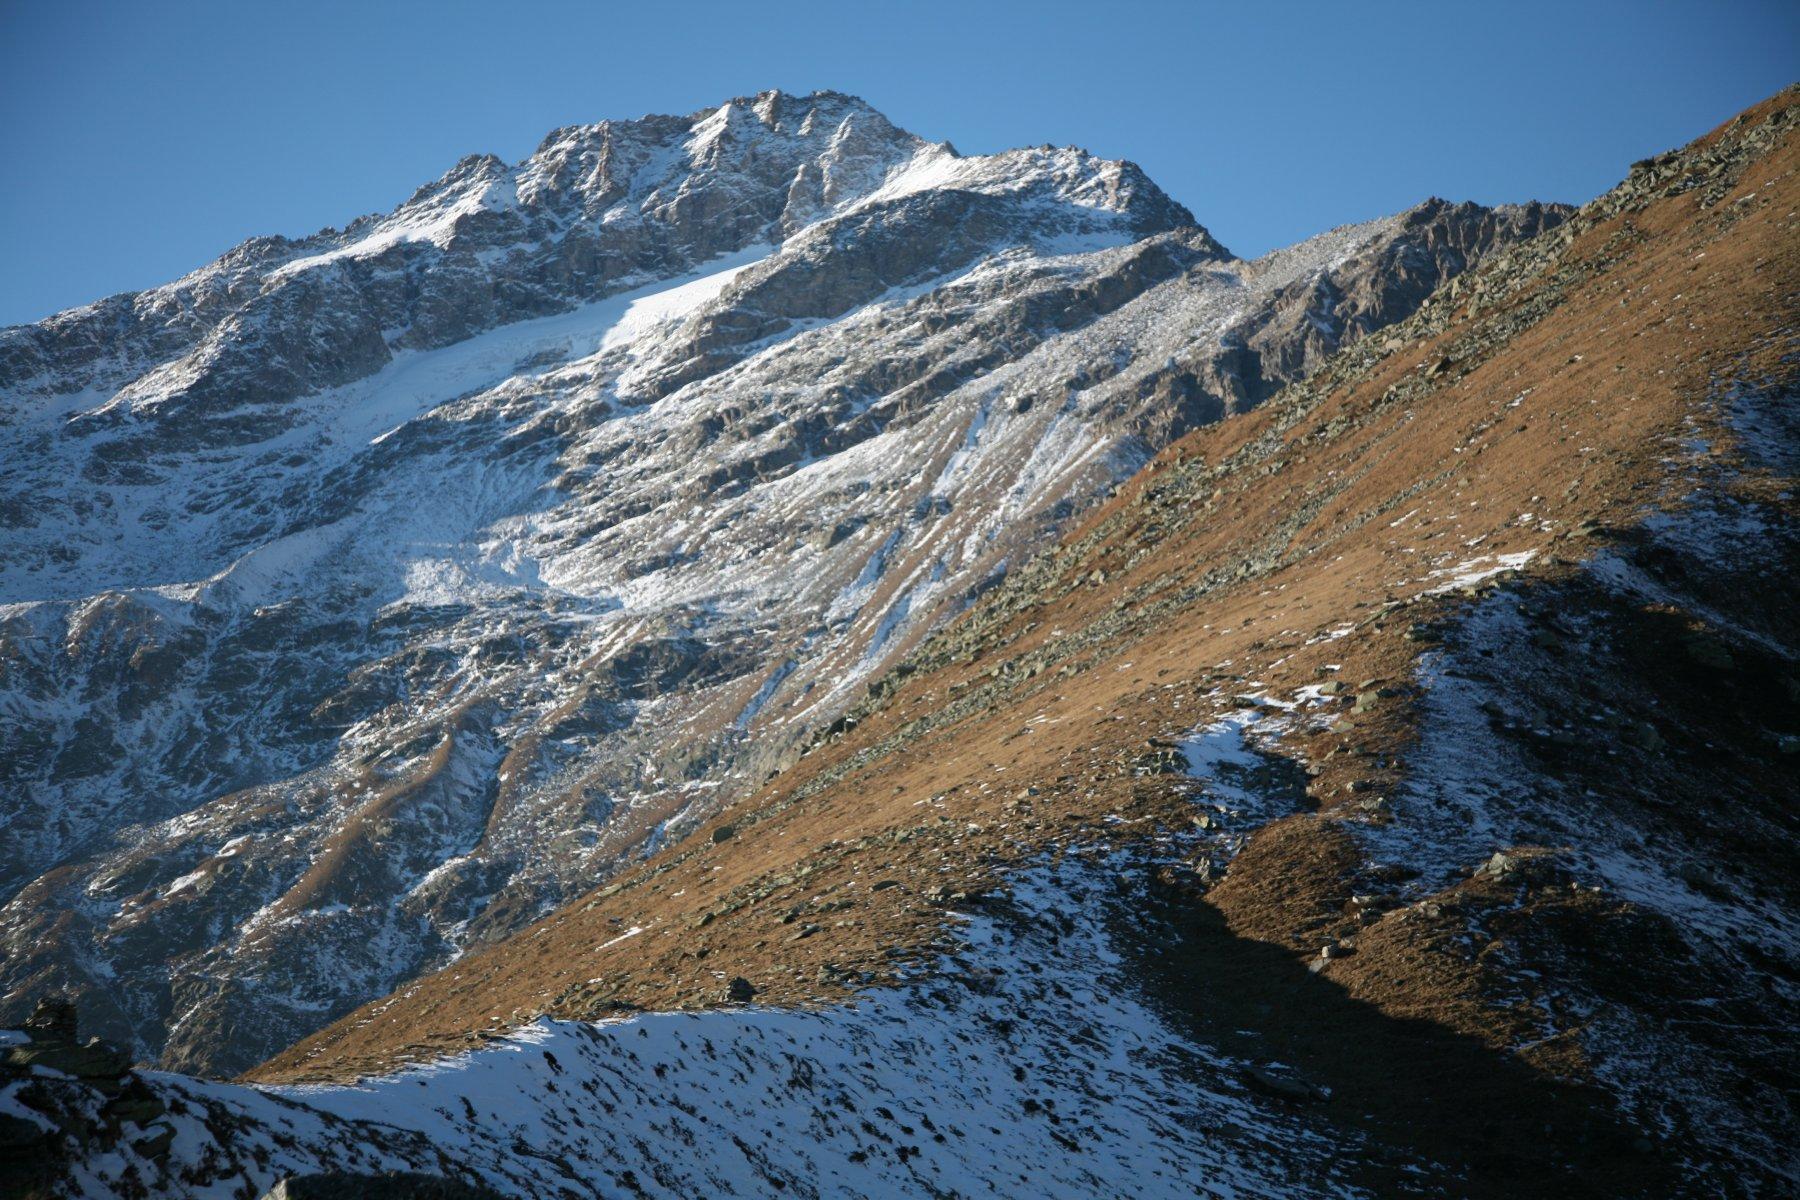 Barrouard (Monte) da Forno Alpi Graie 2020-06-06